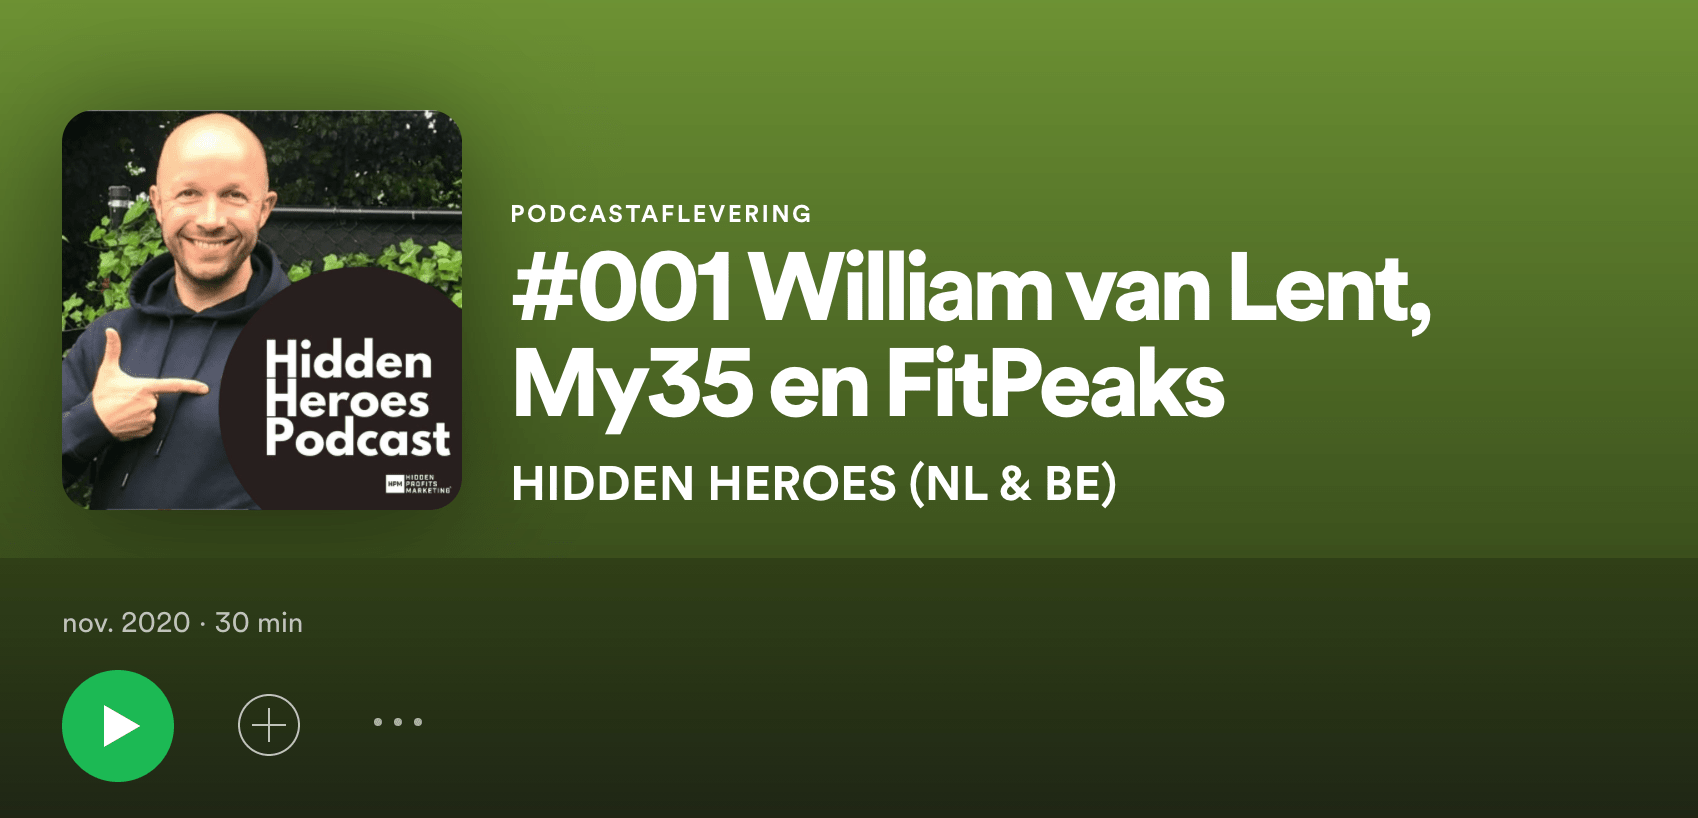 Hidden Heroes Podcast William van Lent